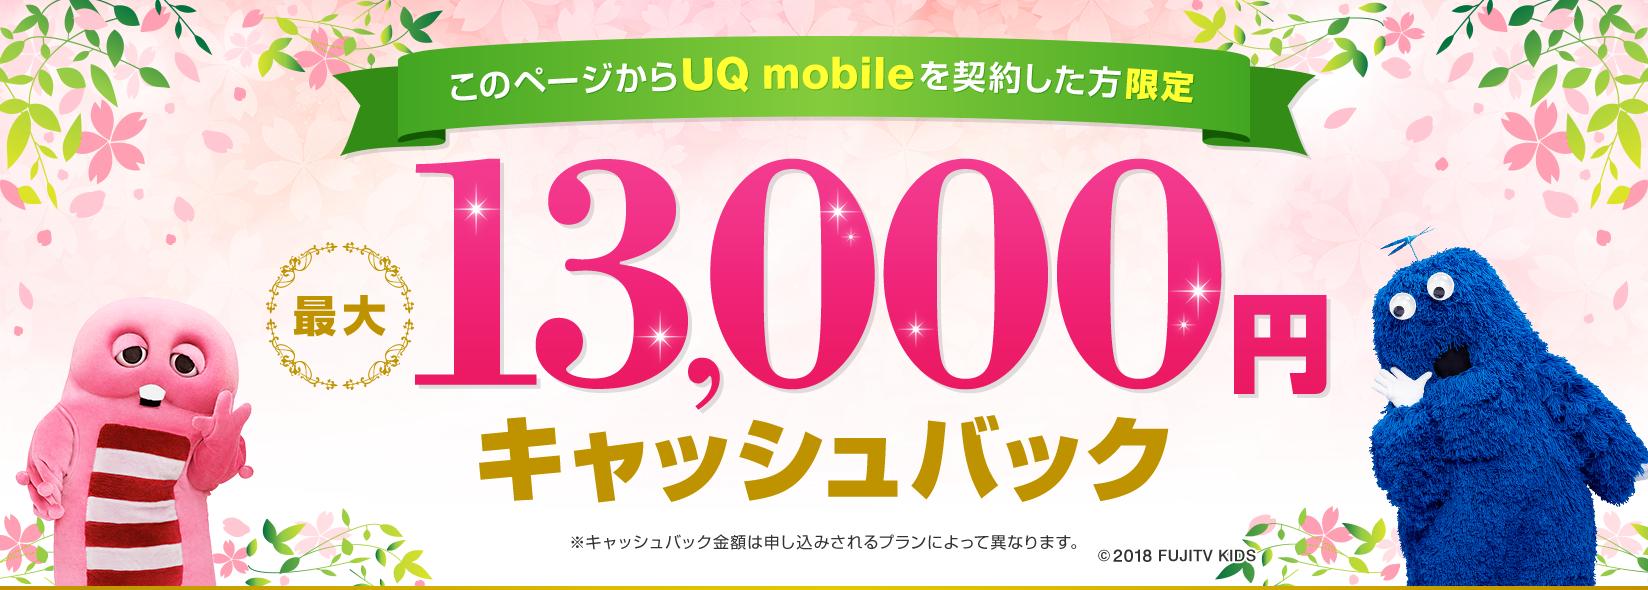 UQmobileで最大13000円のキャッシュバックキャンペーンを開催中。SIMのみでも貰えるぞ。CBを違約金に補填して14ヶ月目解約が理想的。